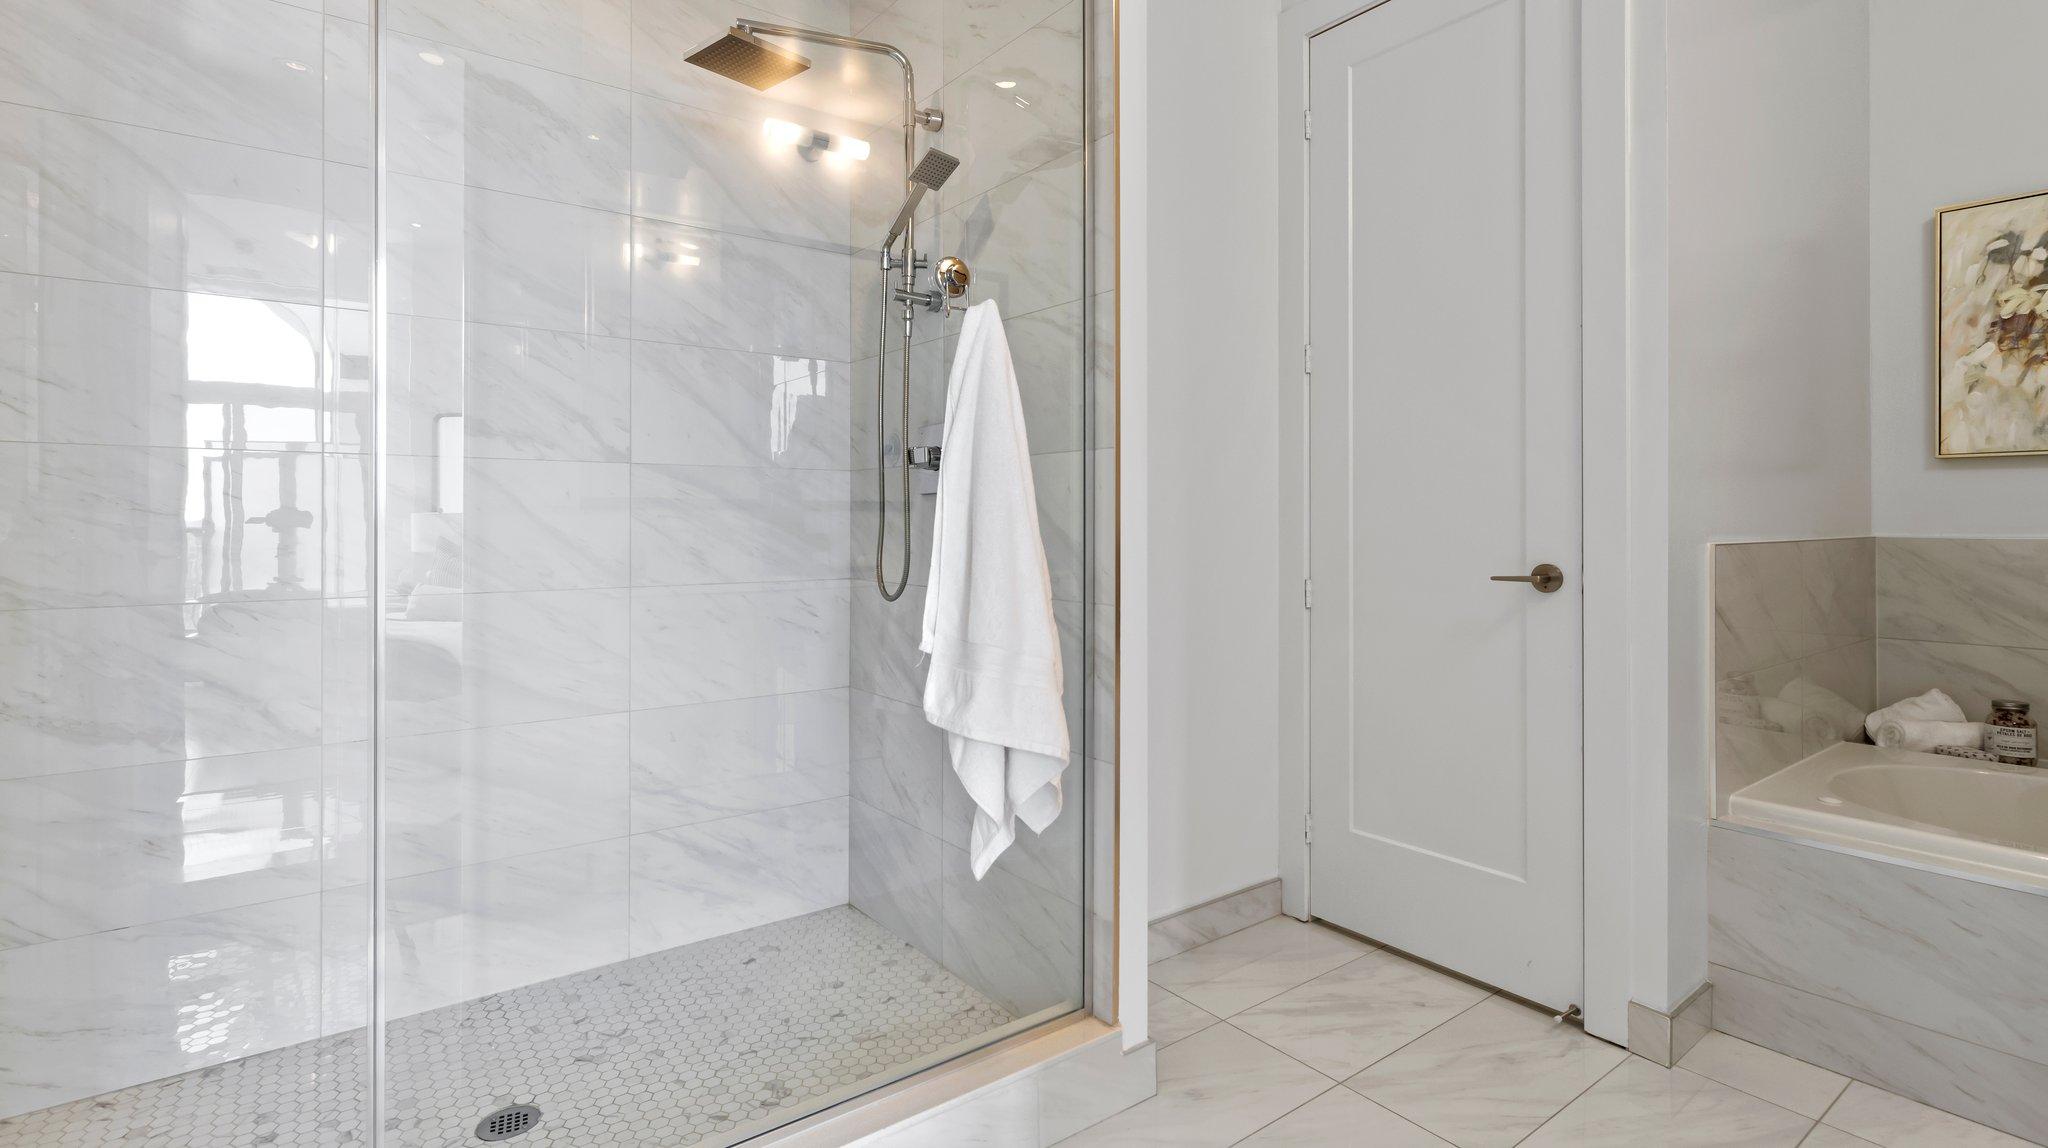 5-Piece Ensuite Bathroom